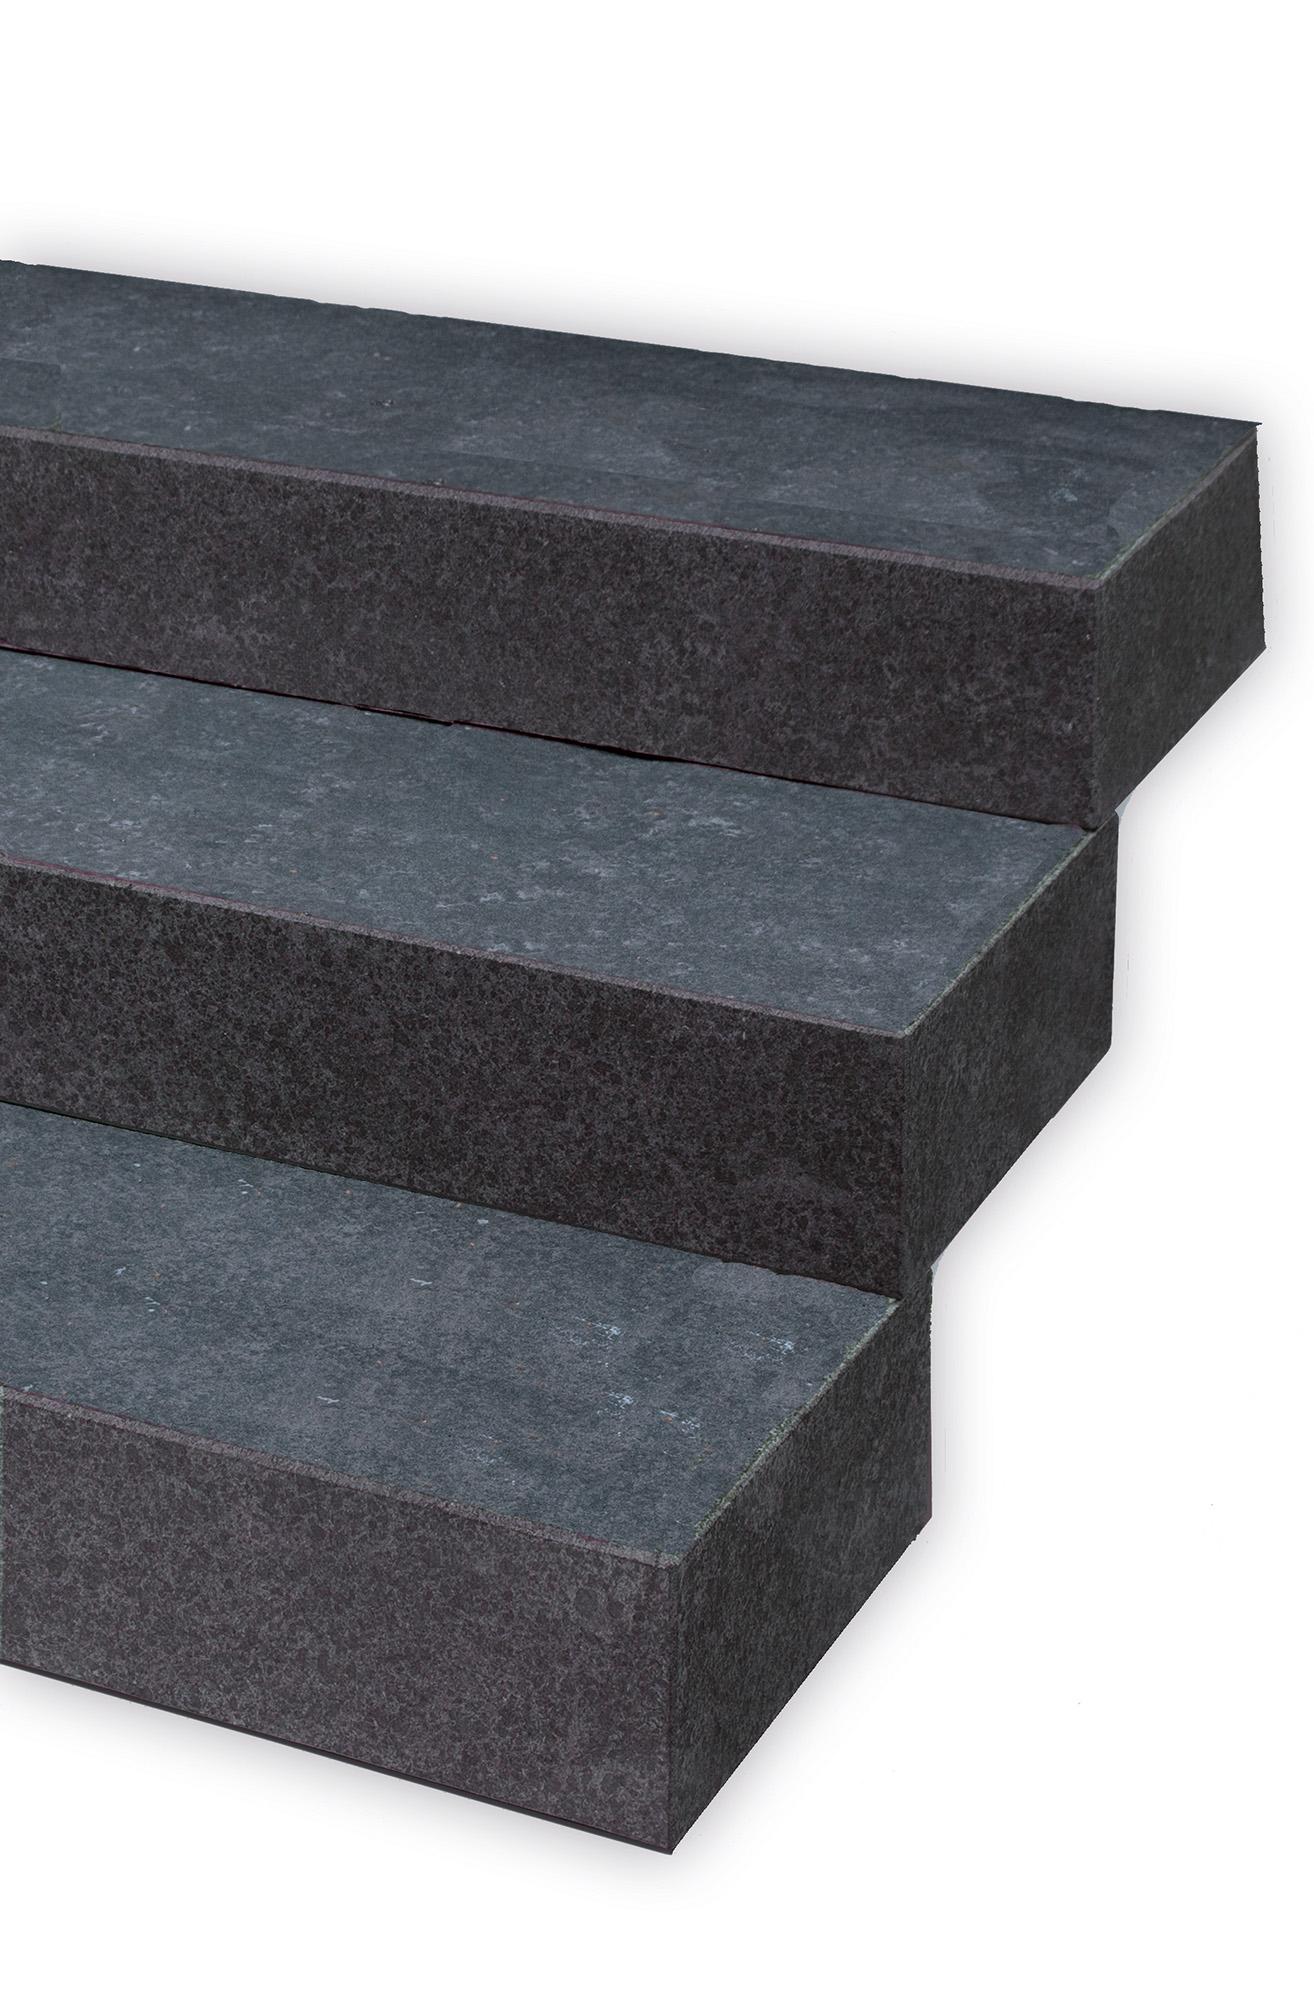 blockstufen basalt geflammt naturstein baumaterial. Black Bedroom Furniture Sets. Home Design Ideas